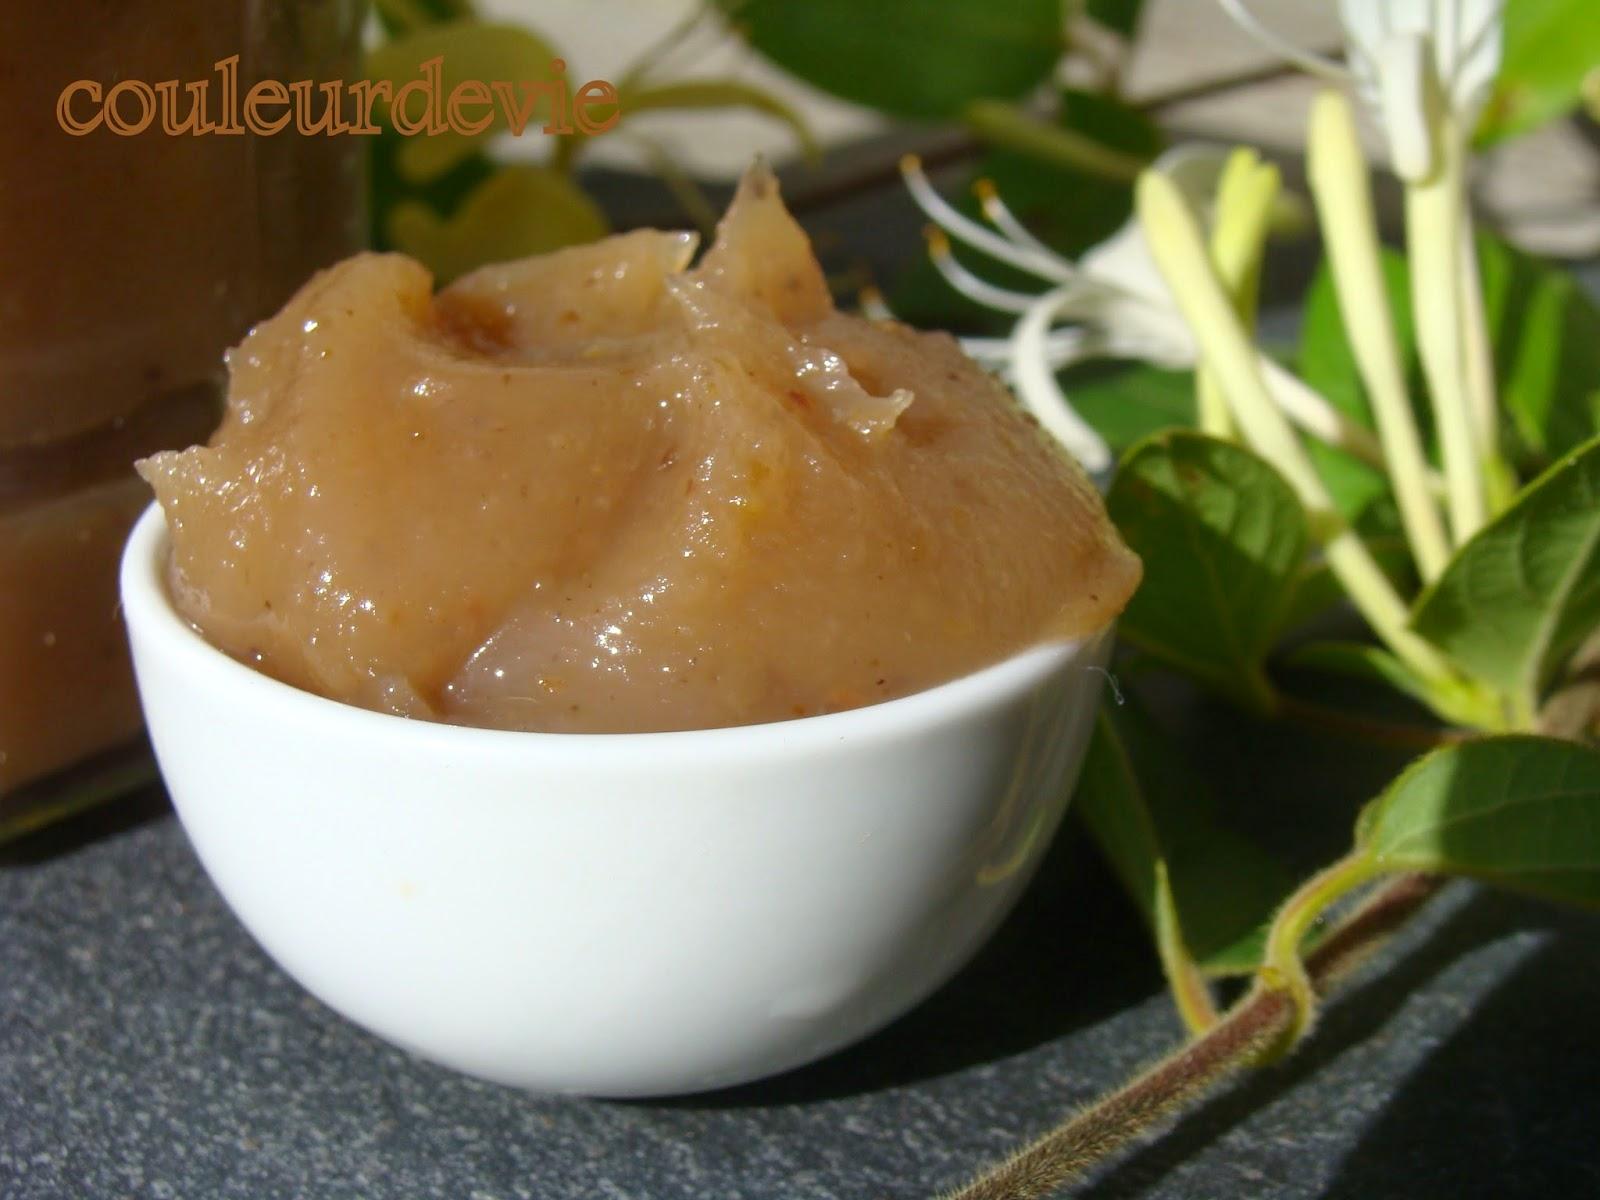 P te tartiner et curds couleurdevie - Cuire des marrons en conserve ...